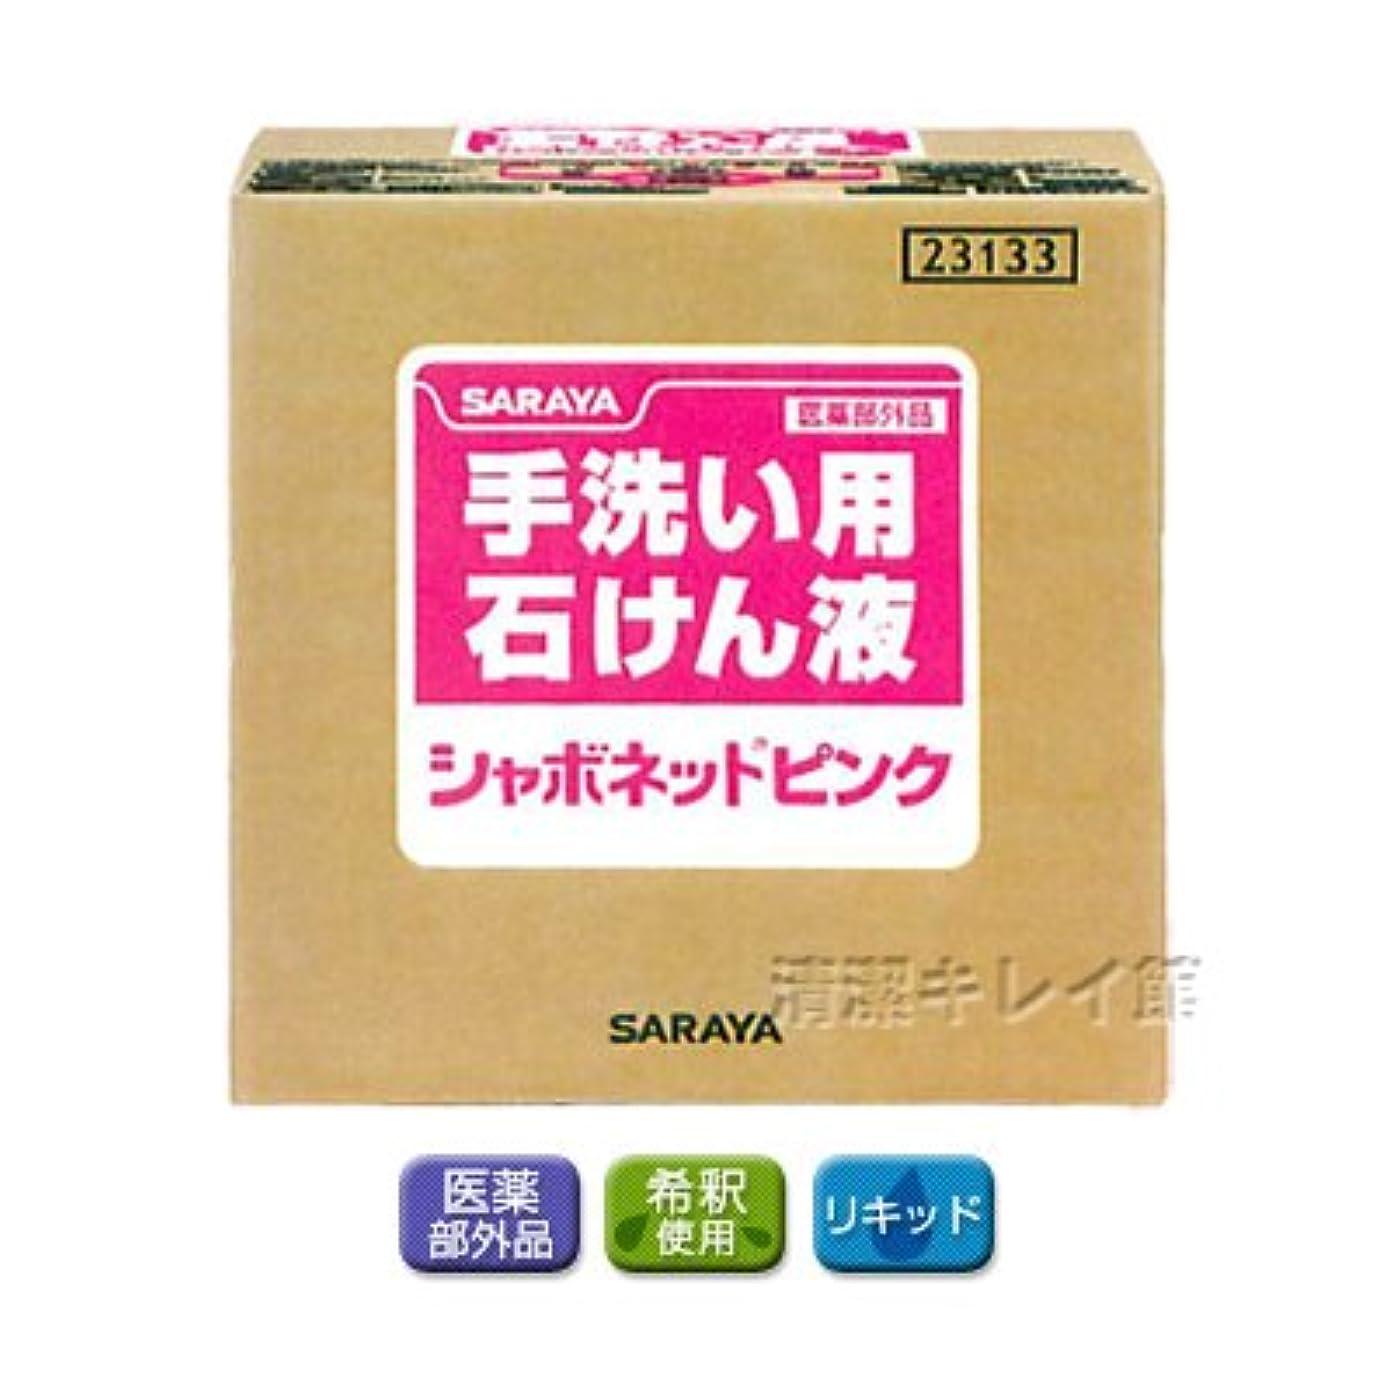 インシデント夢発表する【清潔キレイ館】サラヤ シャボネットピンク(20kg)